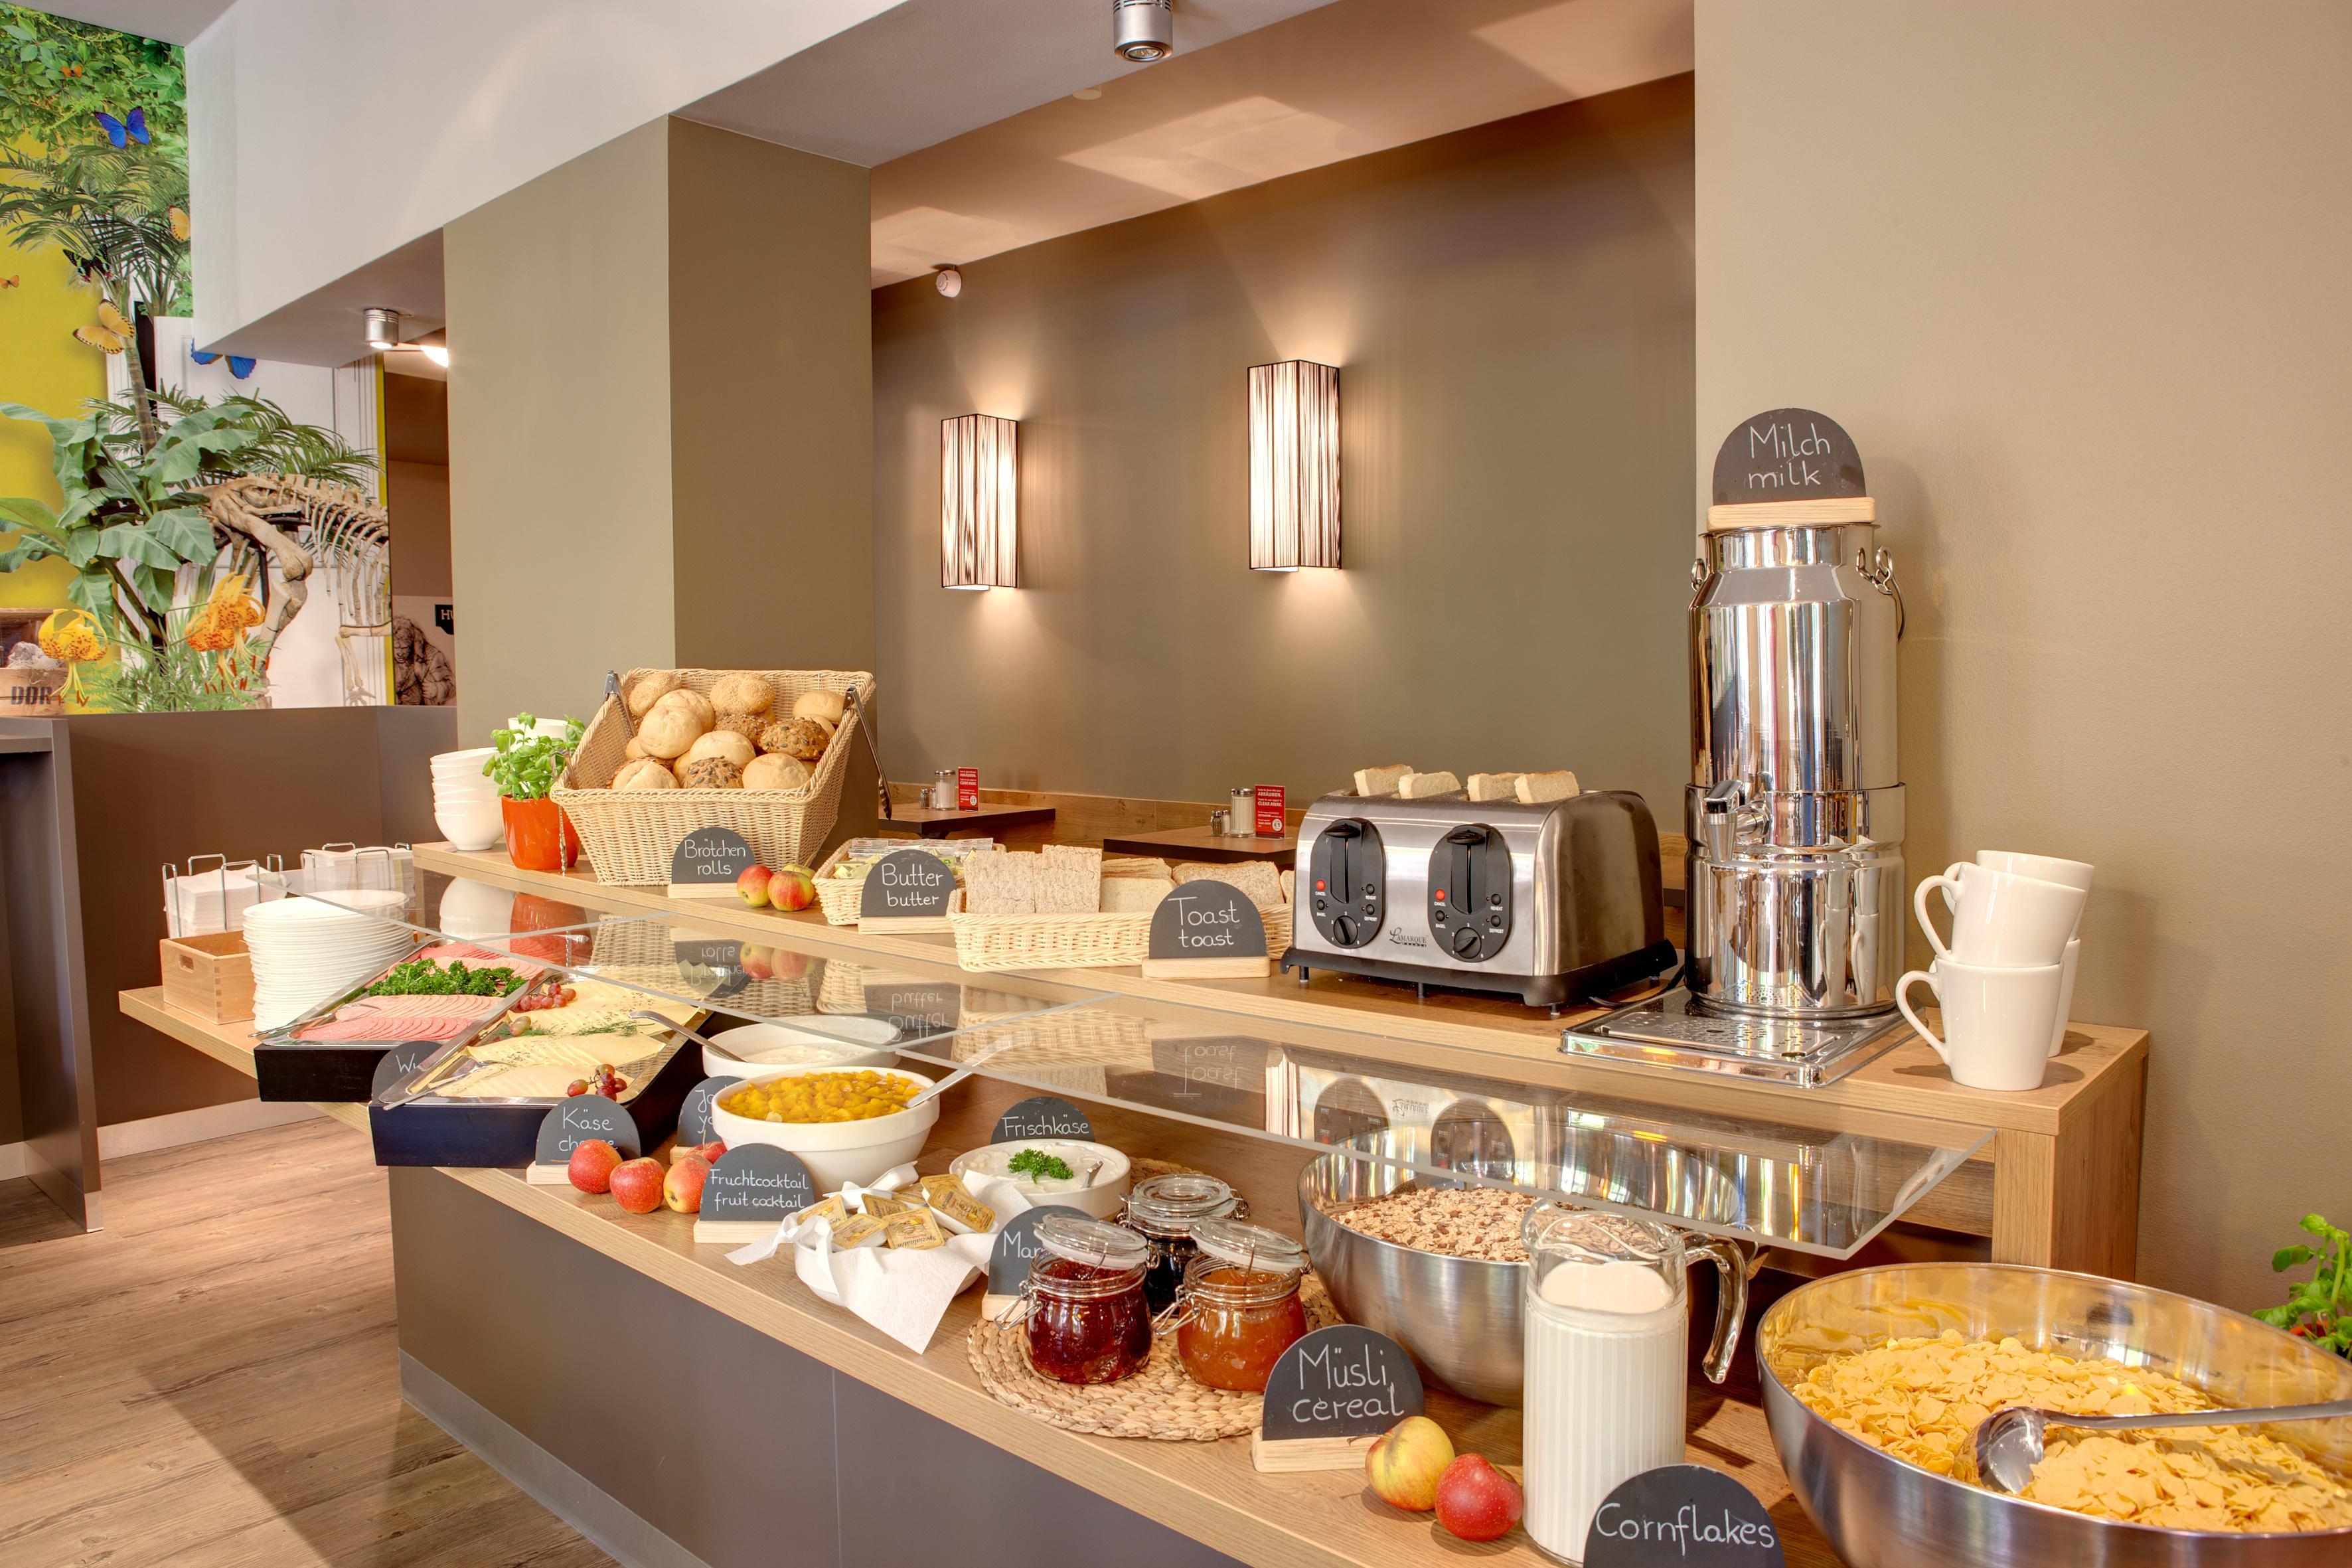 MEININGER Hotel Berlin Mitte - Breakfast room/ Buffet